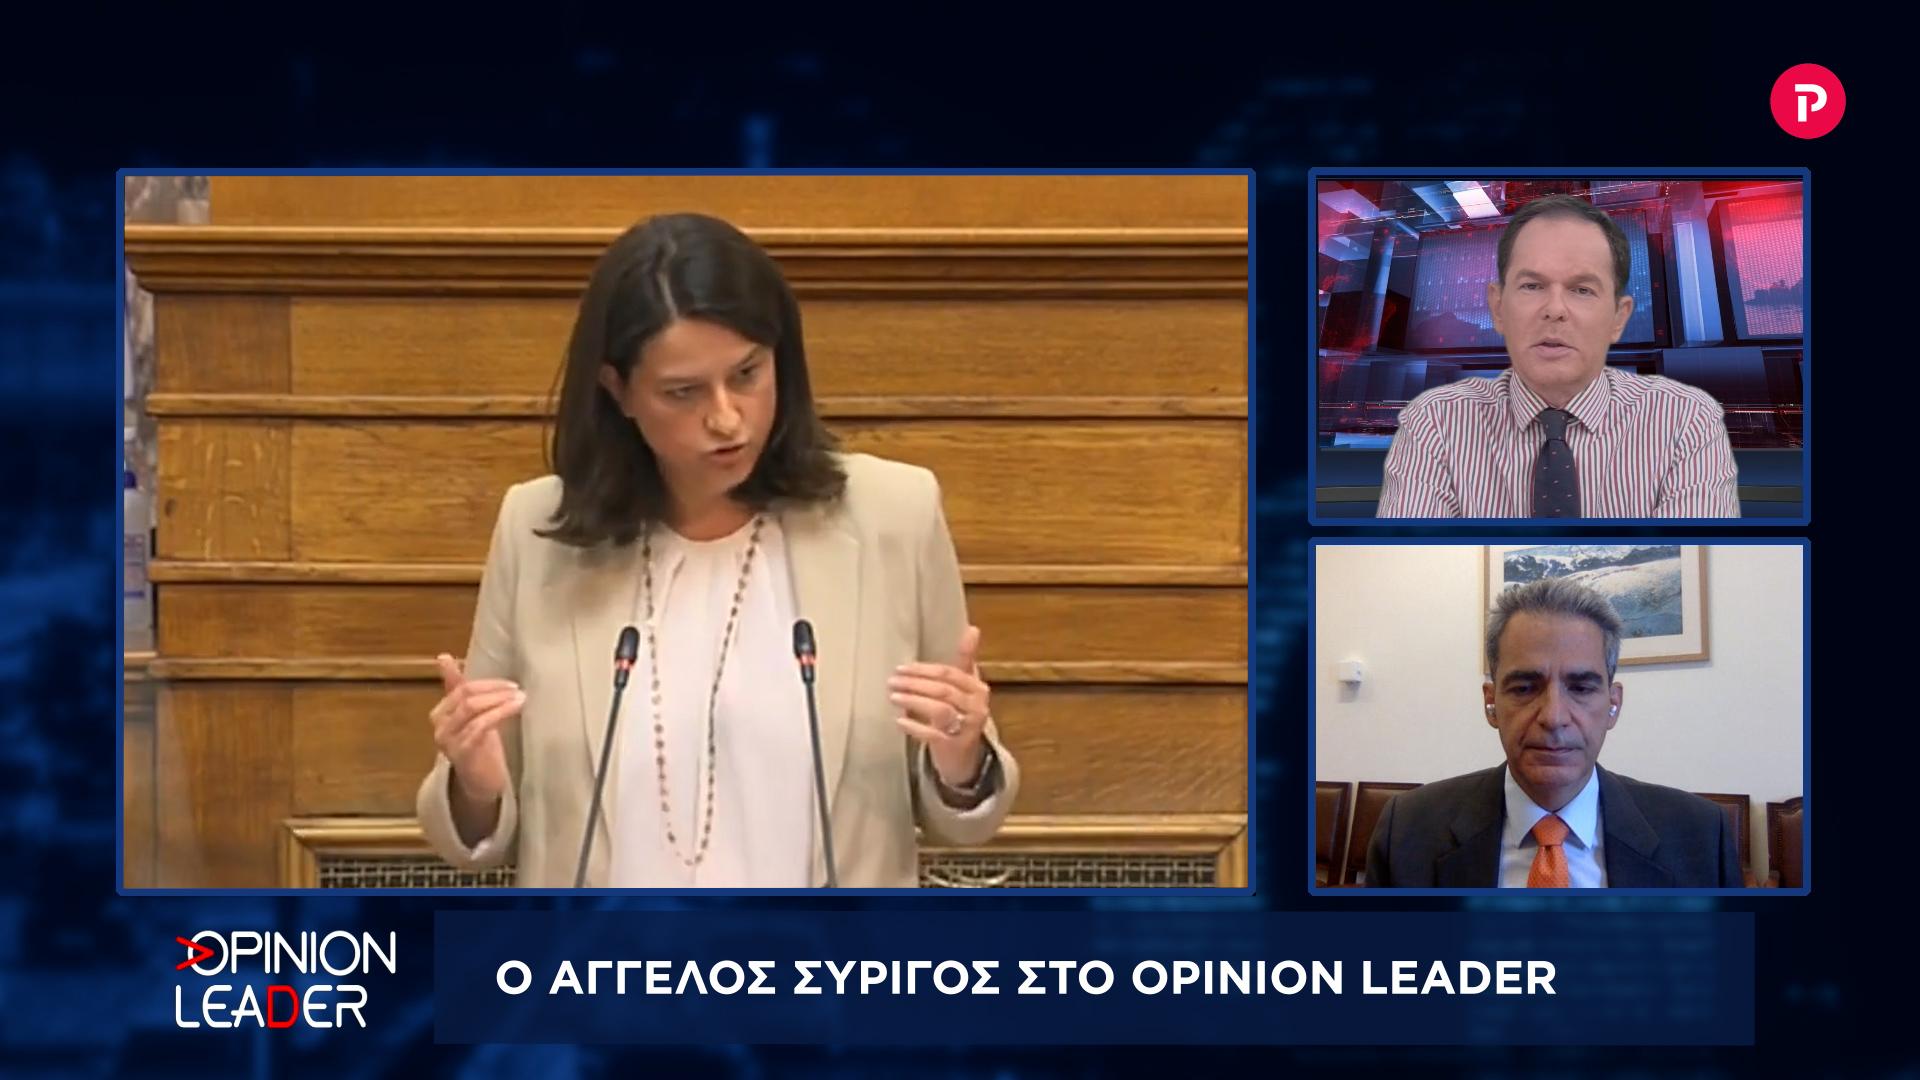 Άγγελος Συρίγος στο pagenews.gr